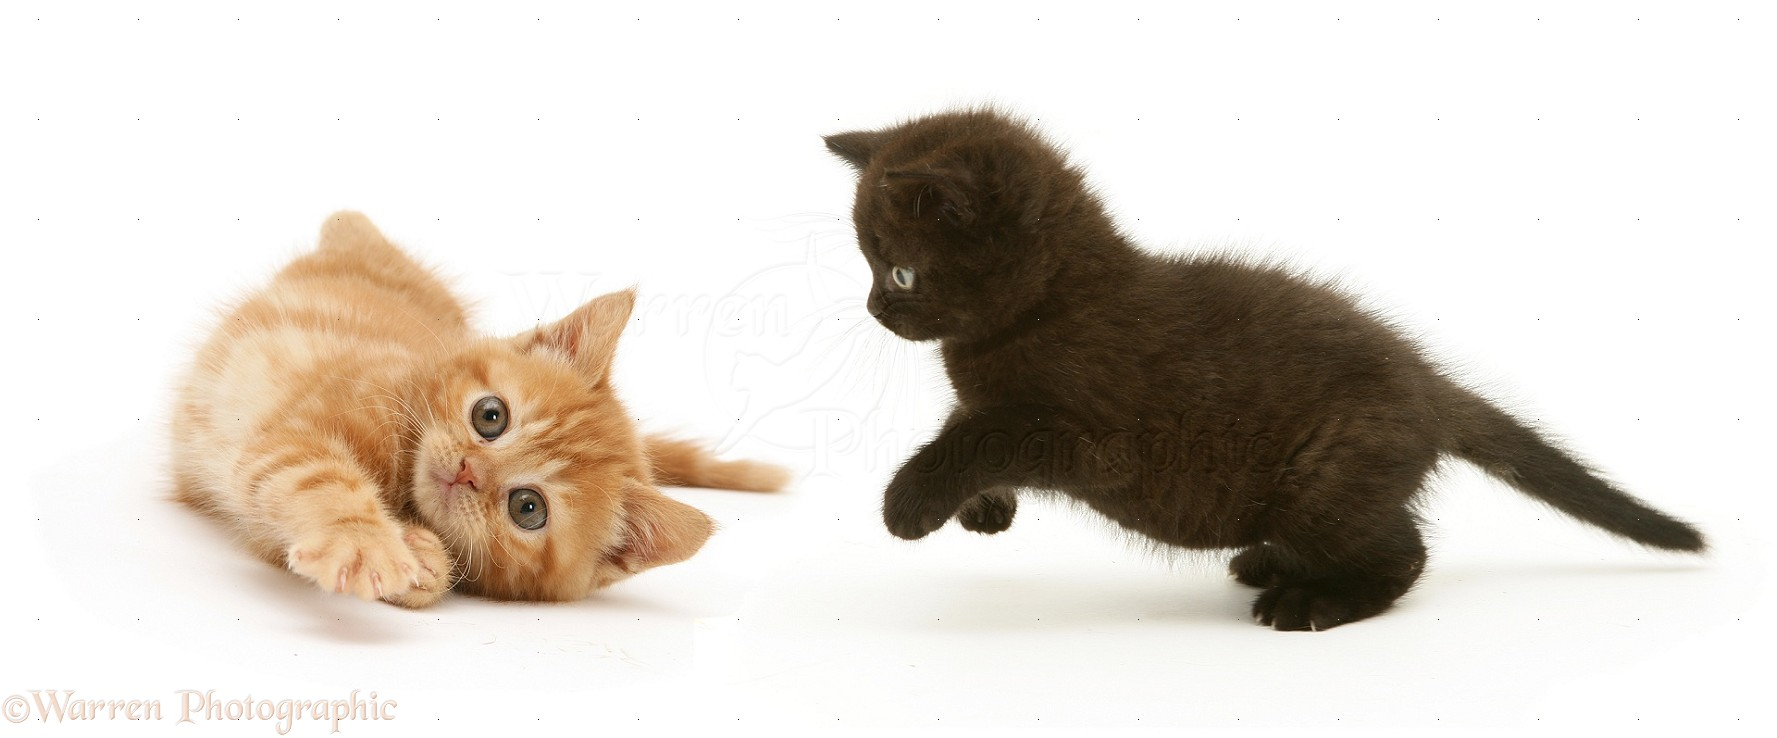 Black Kitten Pouncing A Ginger Kitten Photo Wp14547